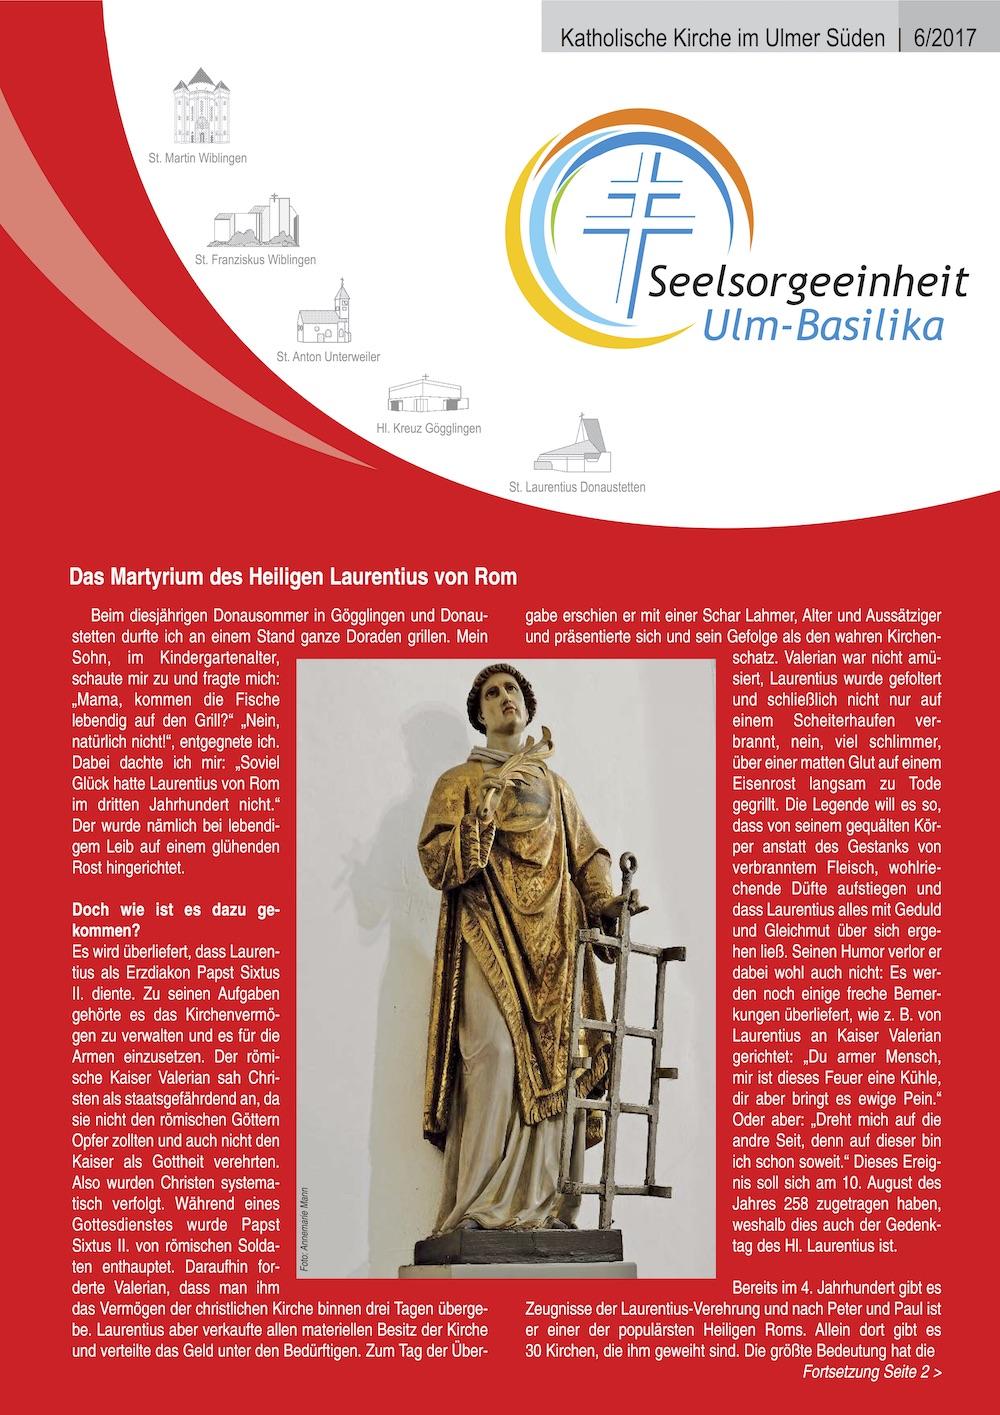 Katholische Kirche im Ulmer Süden 6-2017